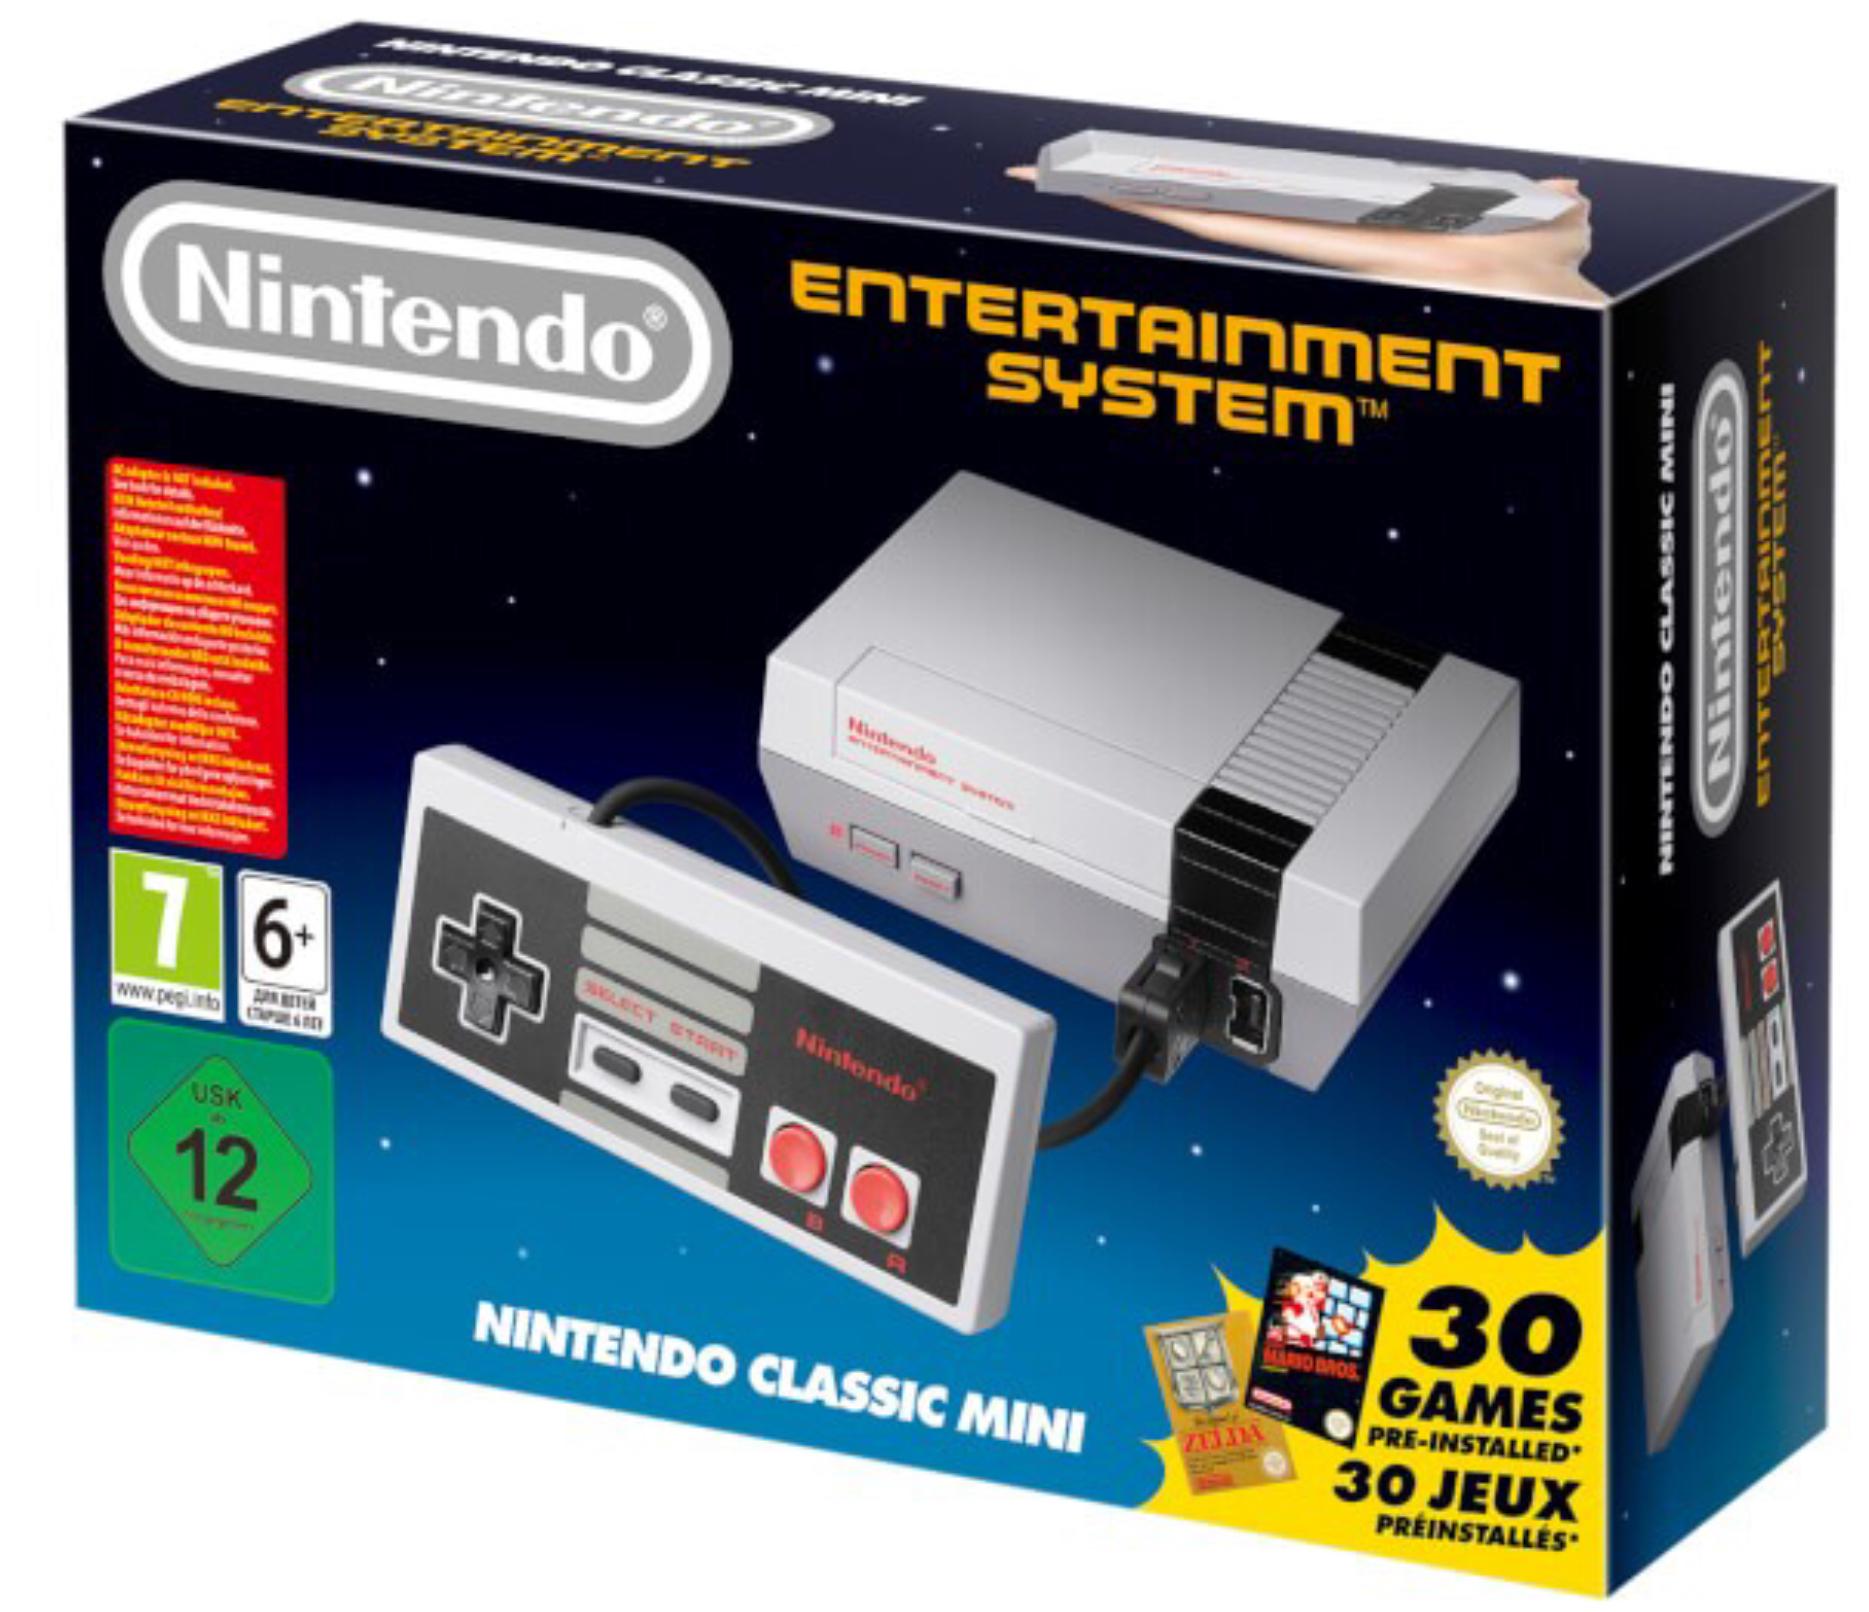 [Rakuten] Nintendo NES Classic Mini inkl. 30 installierte Spiele für 37,90€ mit MasterPass